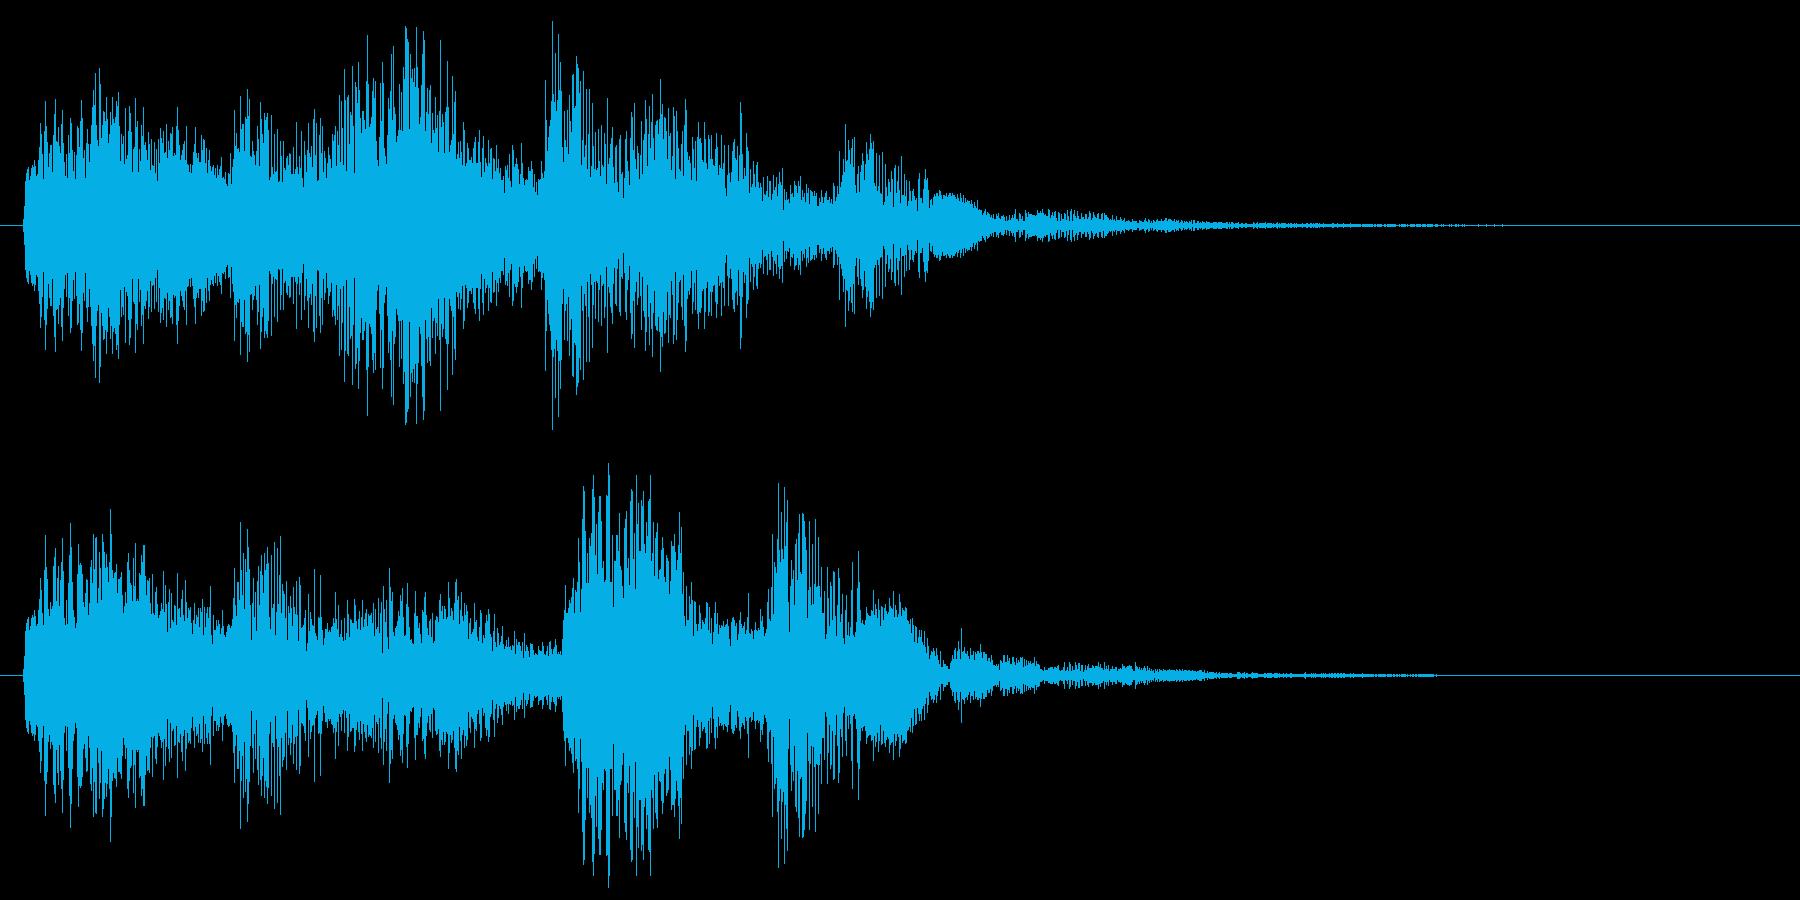 バンババン(スタート音・決定・開始音)の再生済みの波形